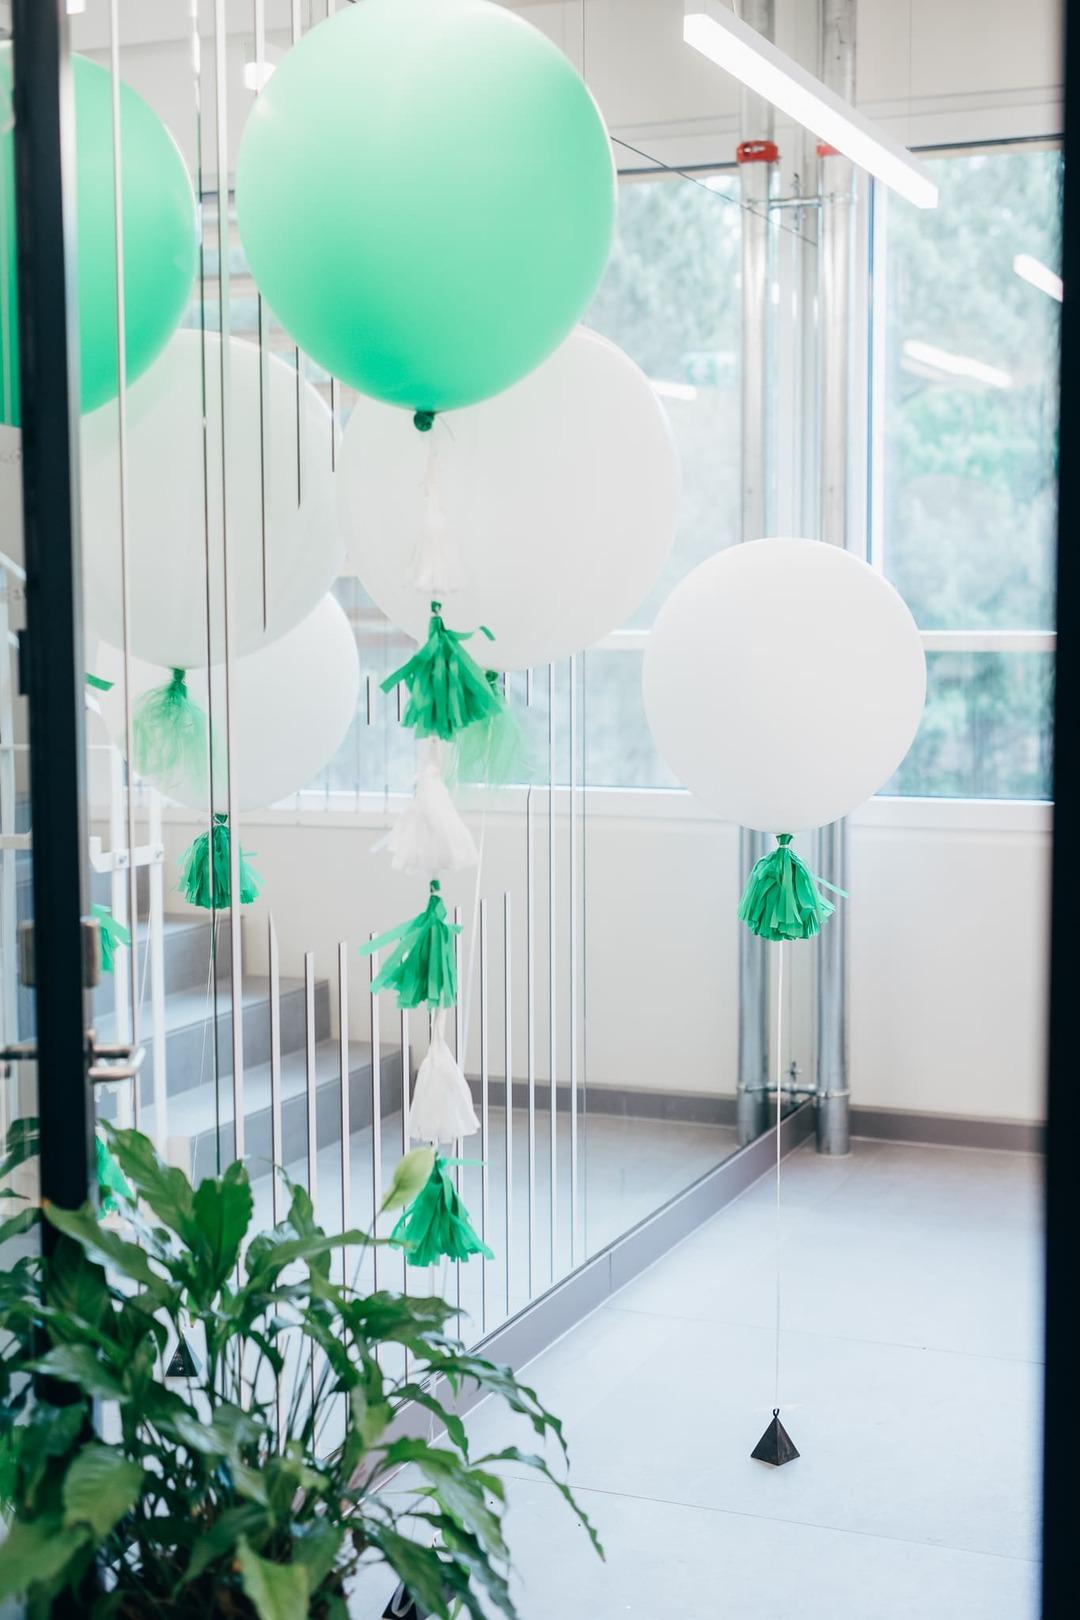 Pidu kontoris, dekoratsioonid kontorisse